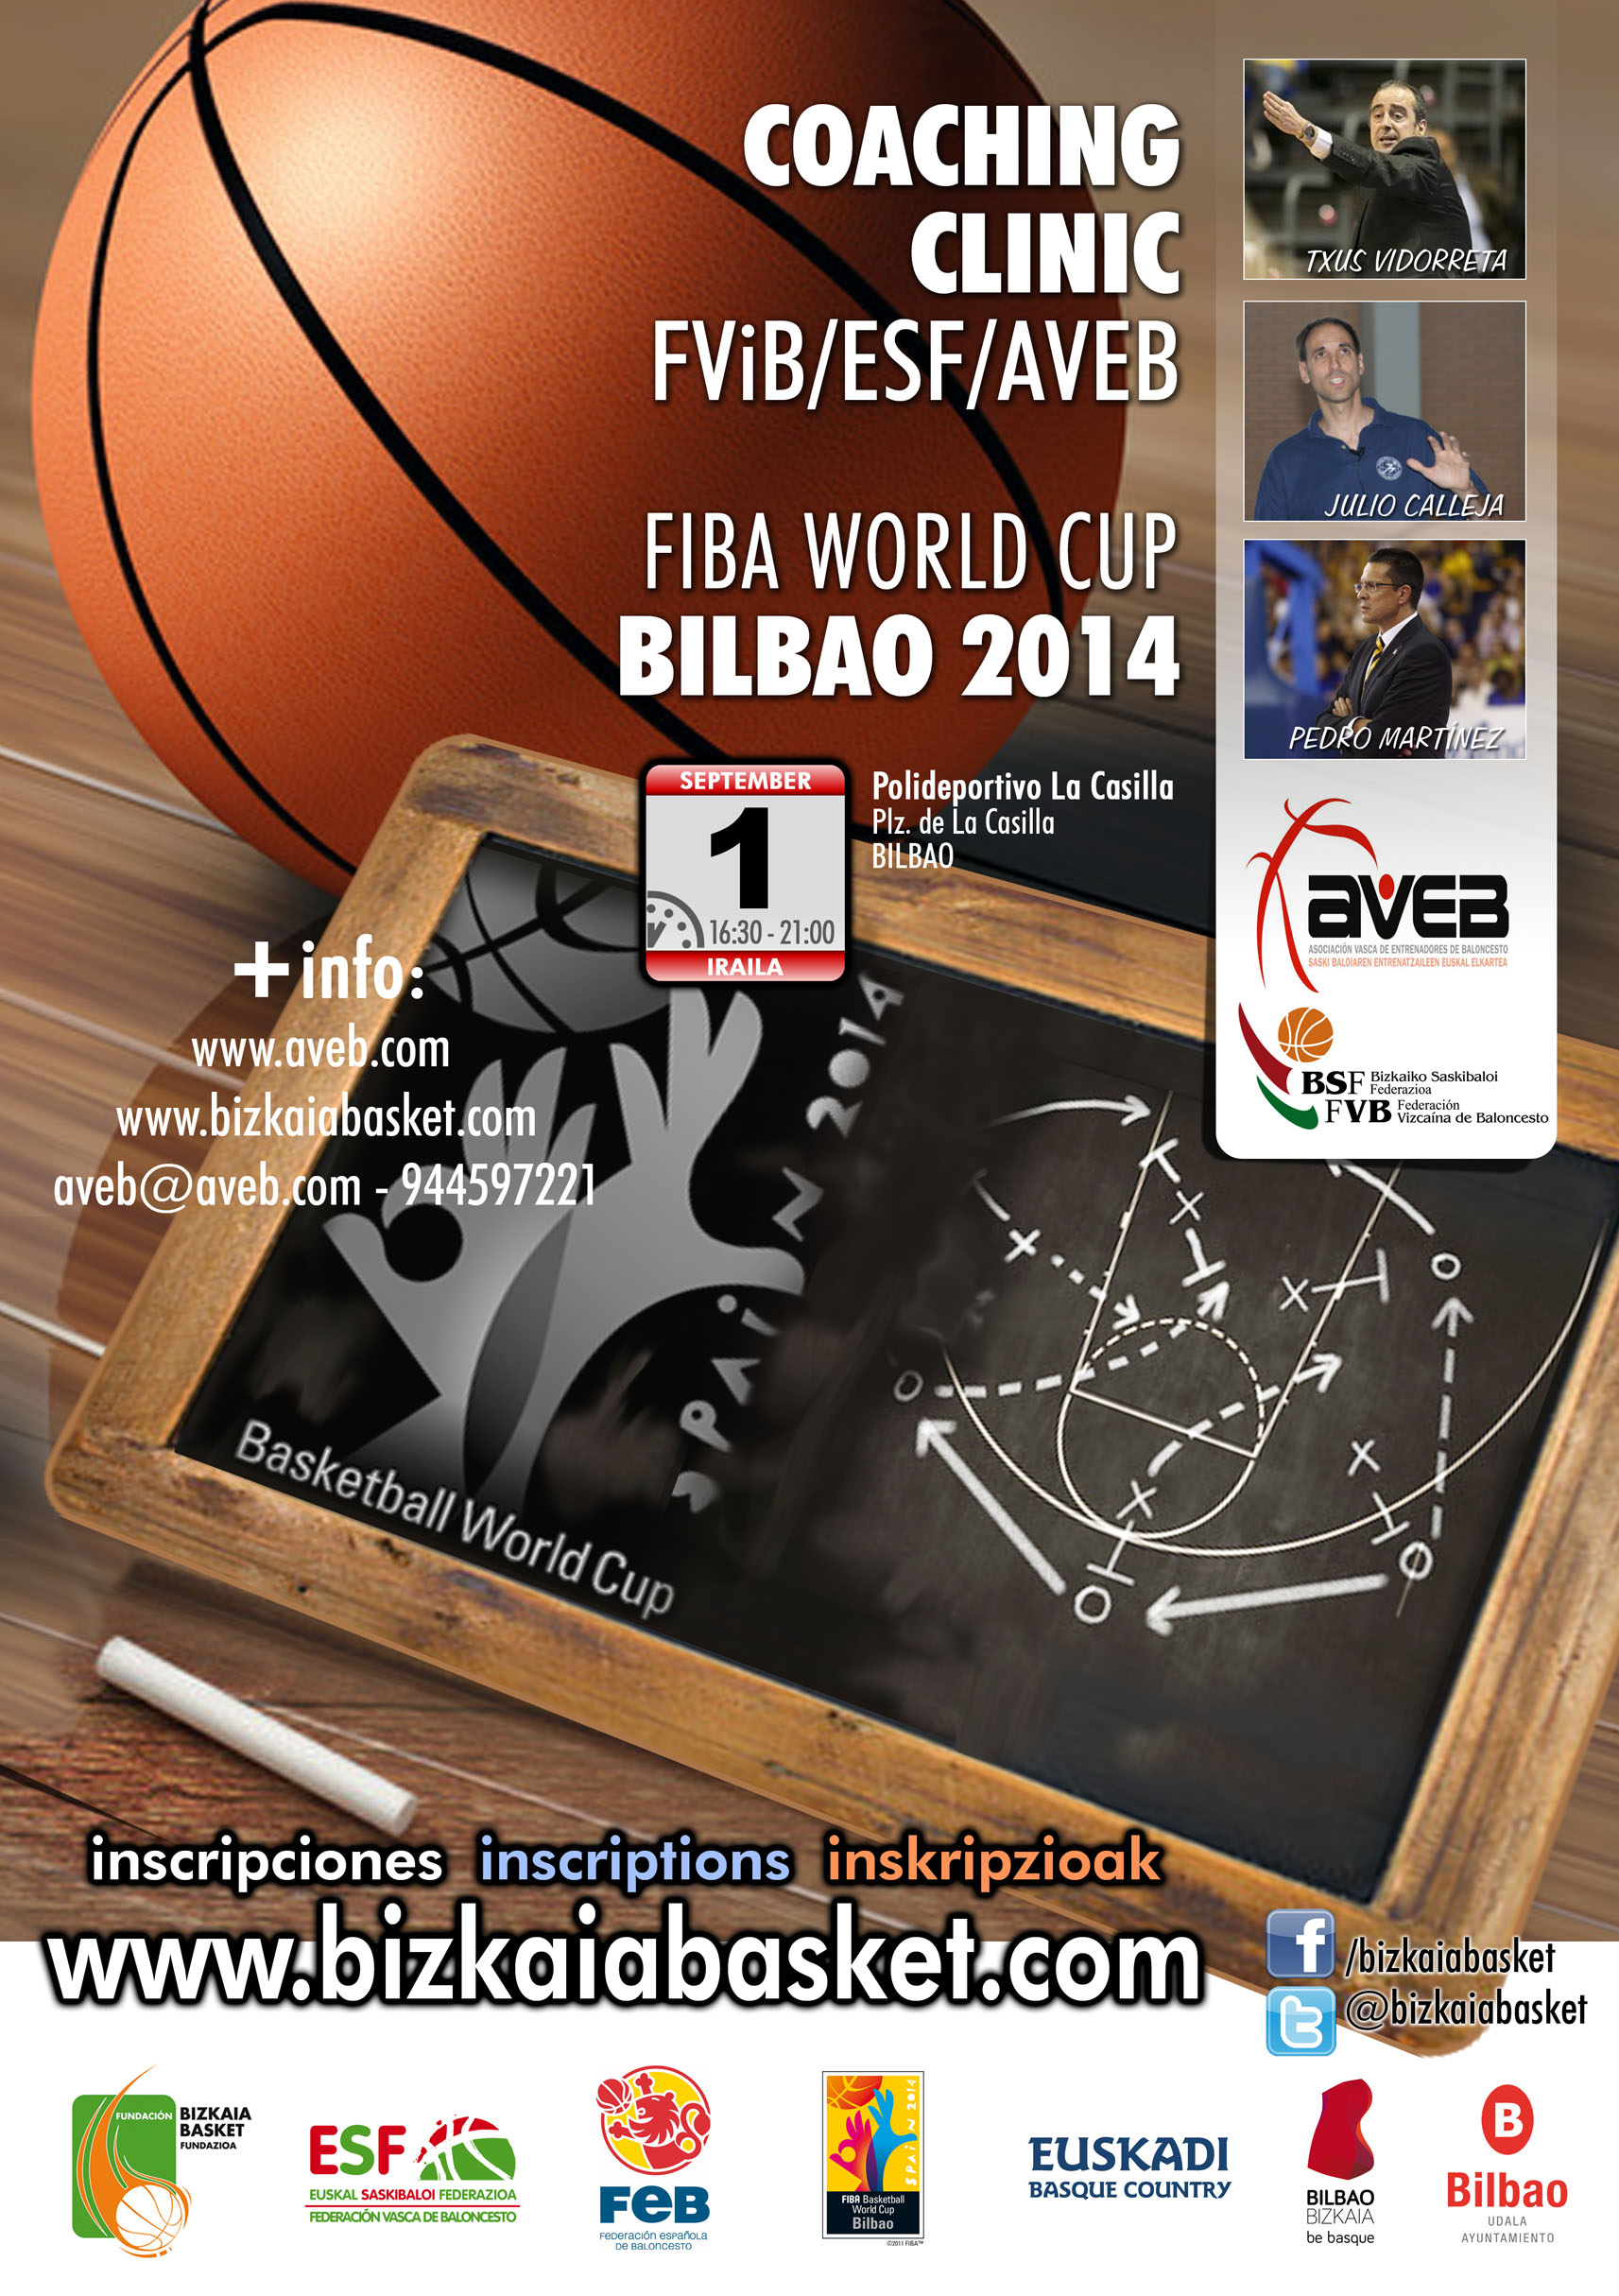 Coaching Clinic FIBA World Cup Bilbao 2014 organizado por FViB/ESF/AVEB y colaboración de la Fundación